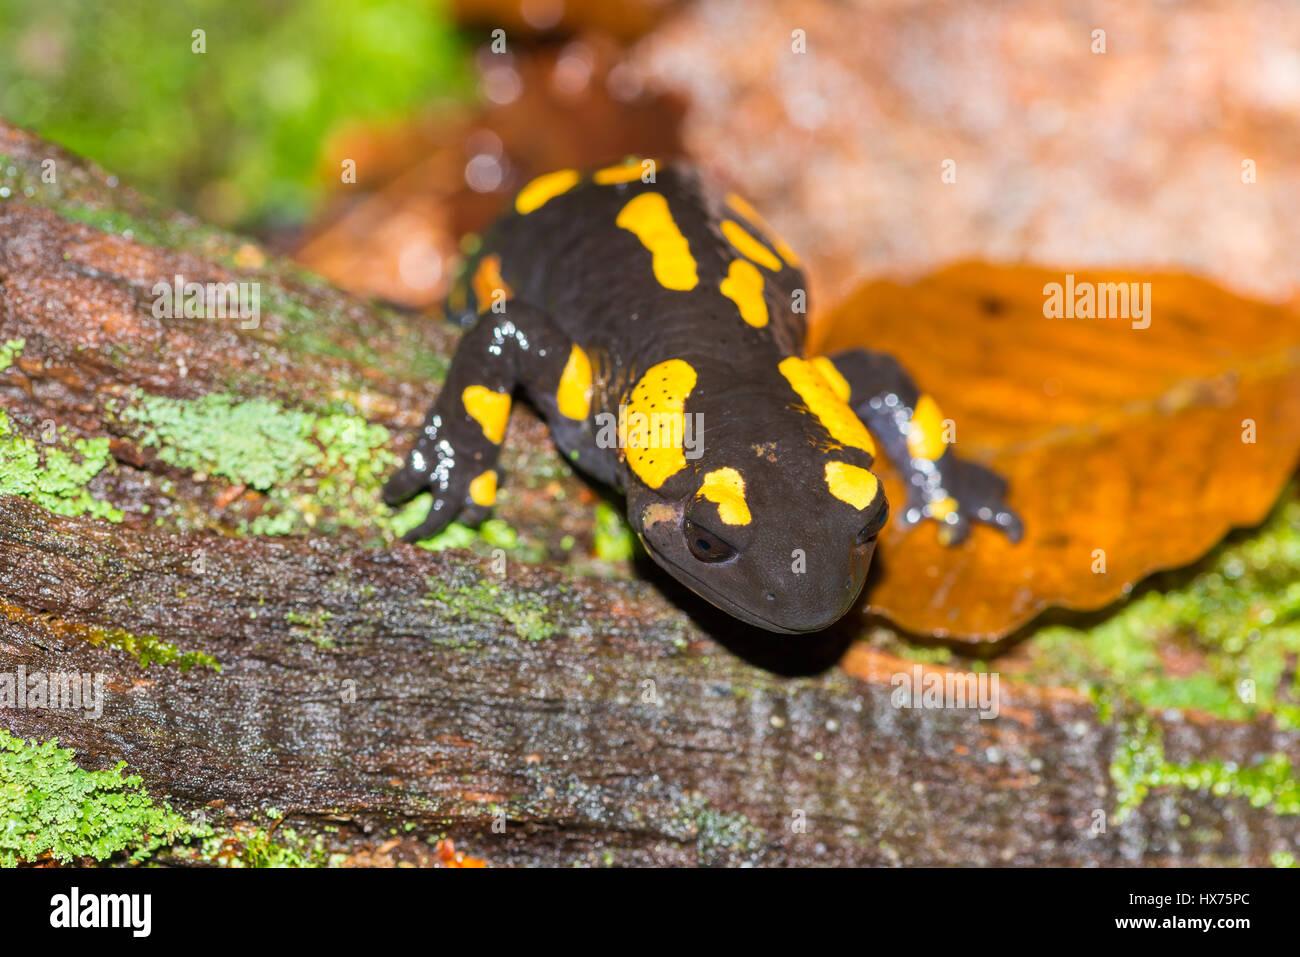 Salamandra Maculosa Imágenes De Stock & Salamandra Maculosa Fotos De ...